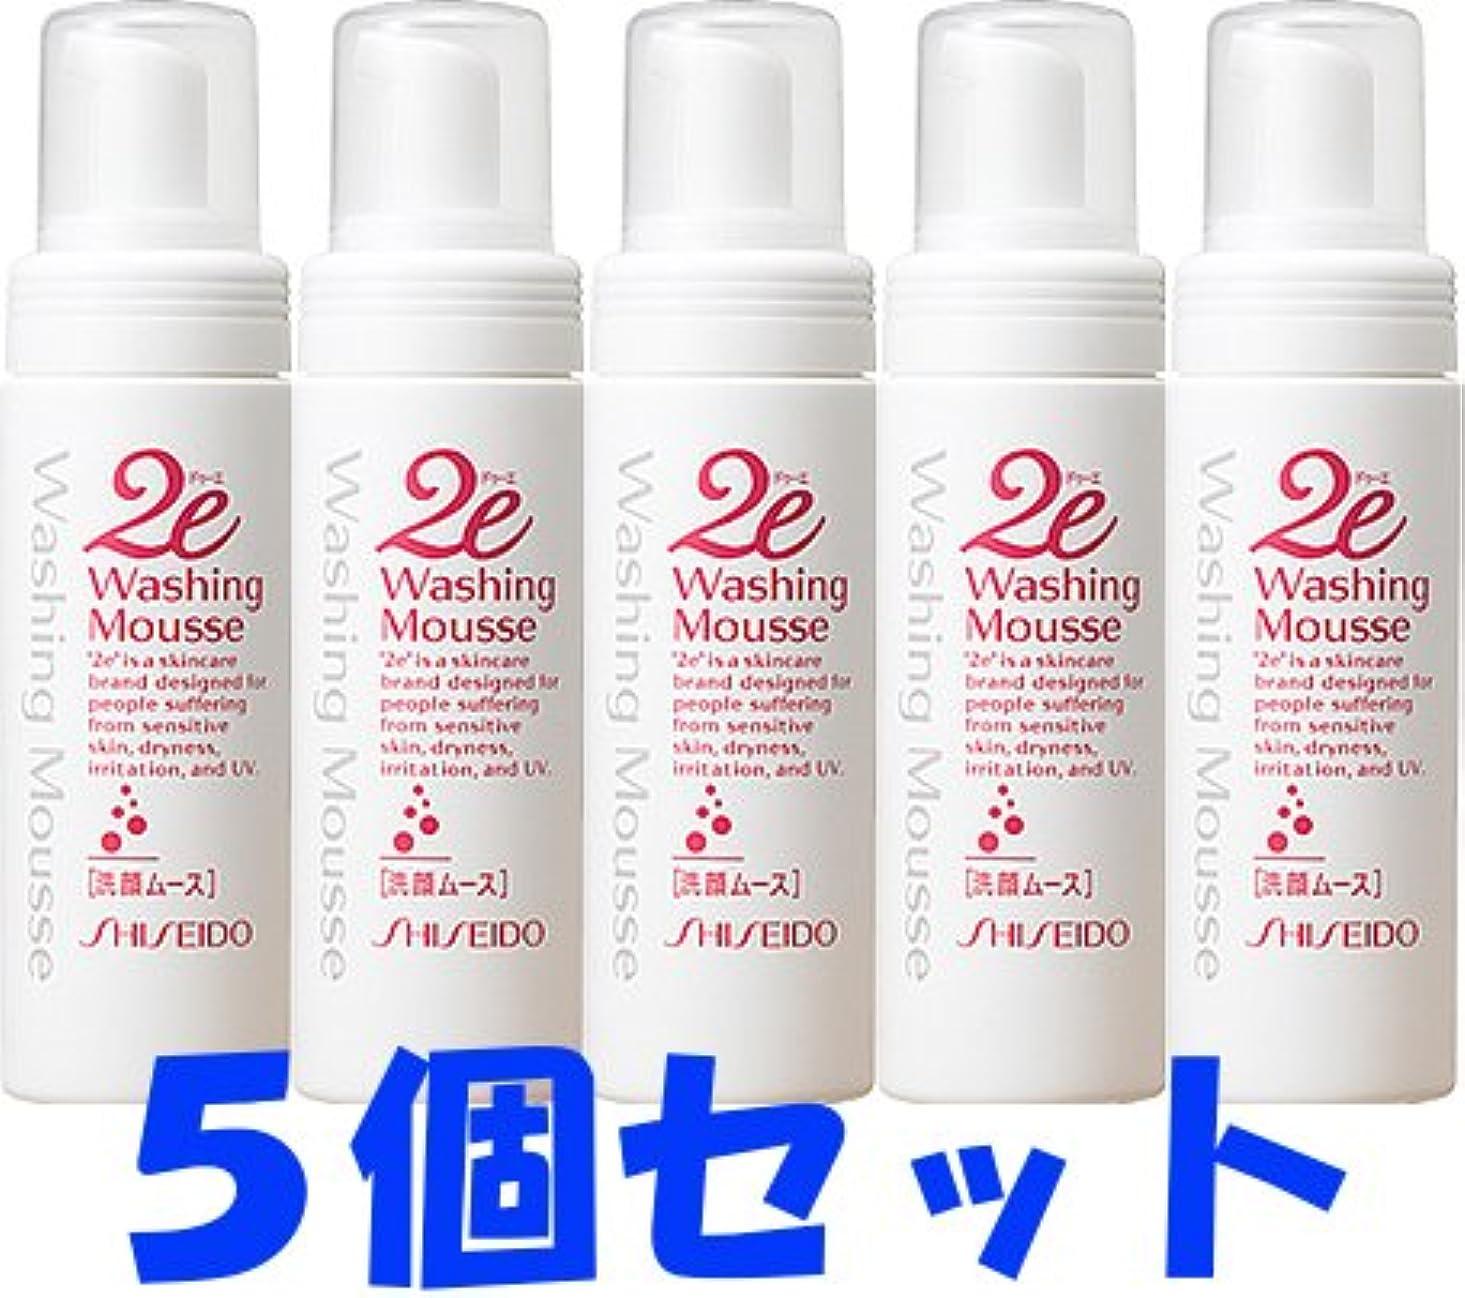 実現可能しかし異常な【5個セット】資生堂 2e ドゥーエ 洗顔ムース 120ml